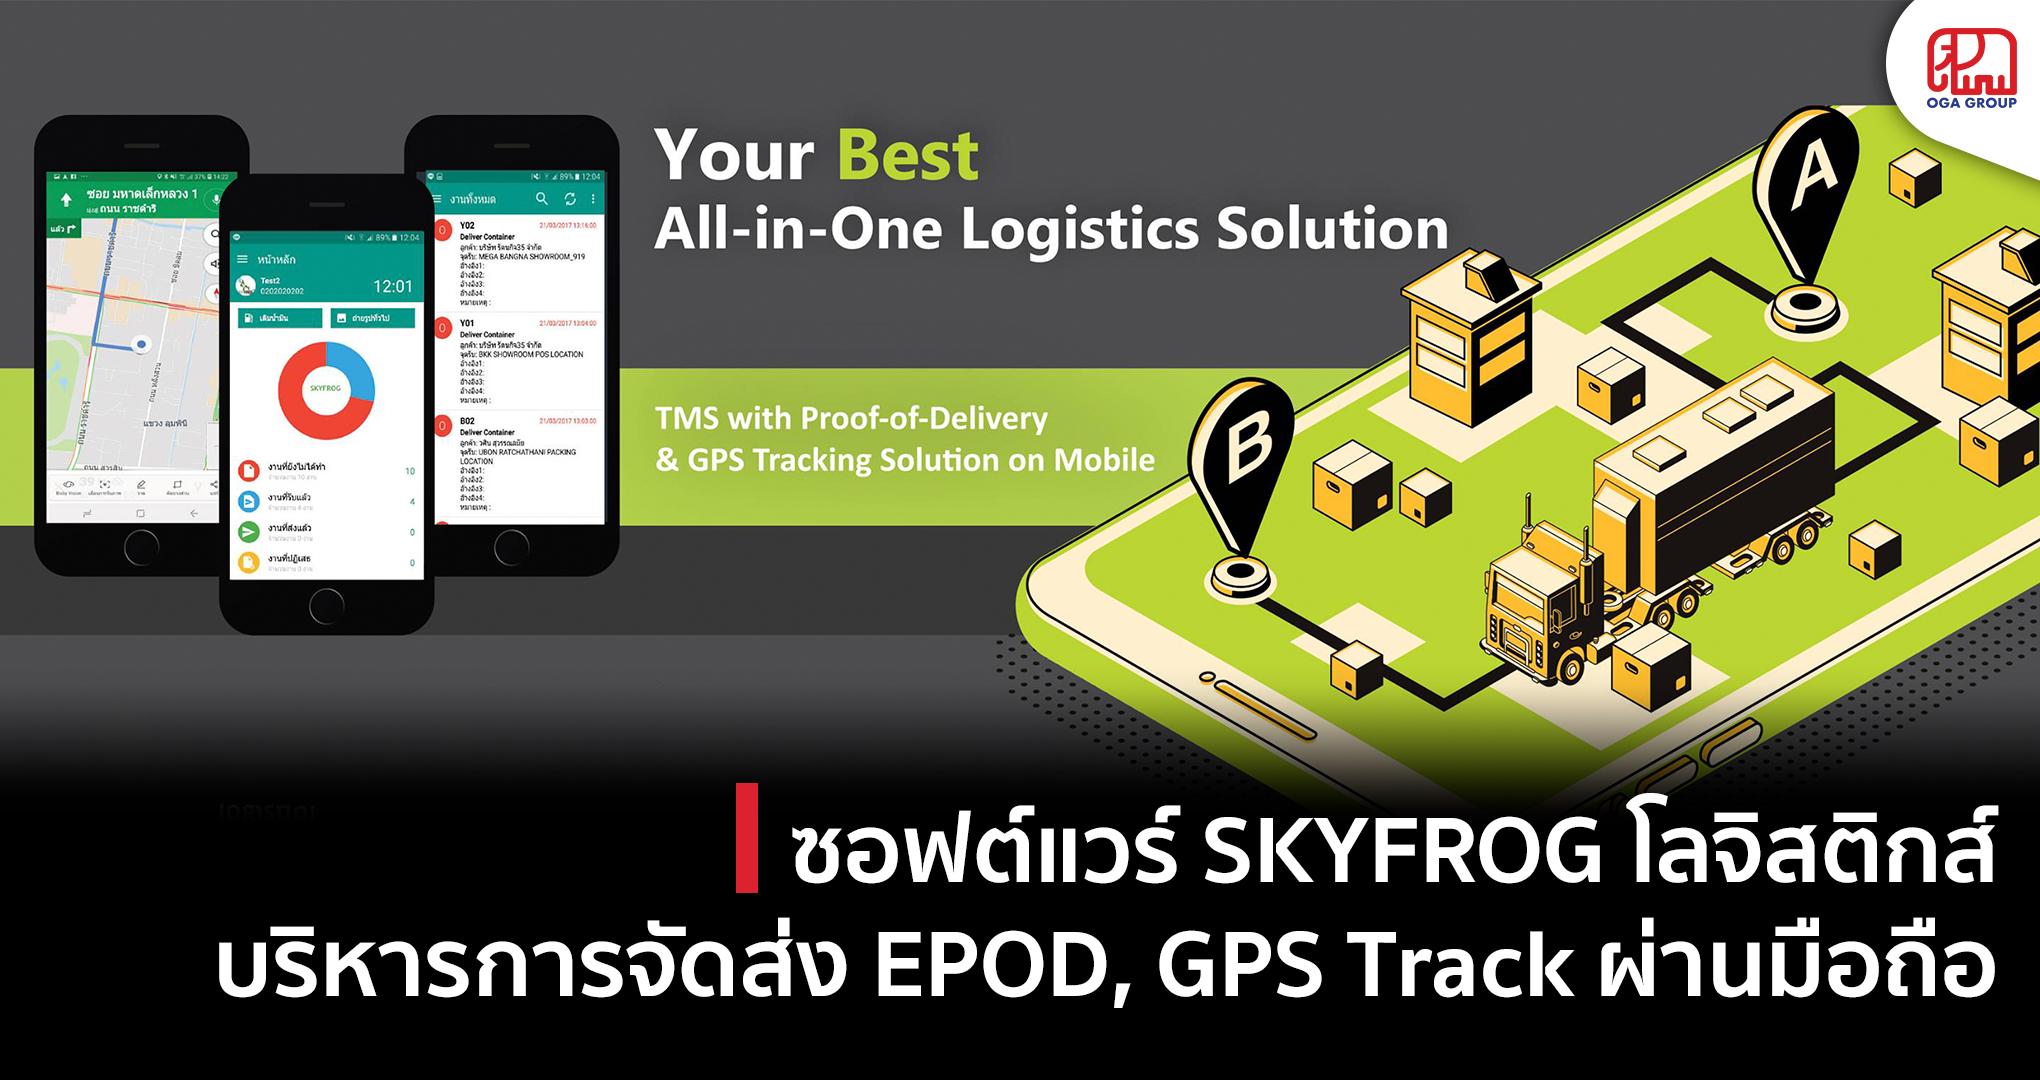 ซอฟต์แวร์ SKYFROG โลจิสติกส์ บริหารการจัดส่ง คลังสินค้า สต๊อกสินค้า, EPOD, GPS Track ผ่านมือถือ